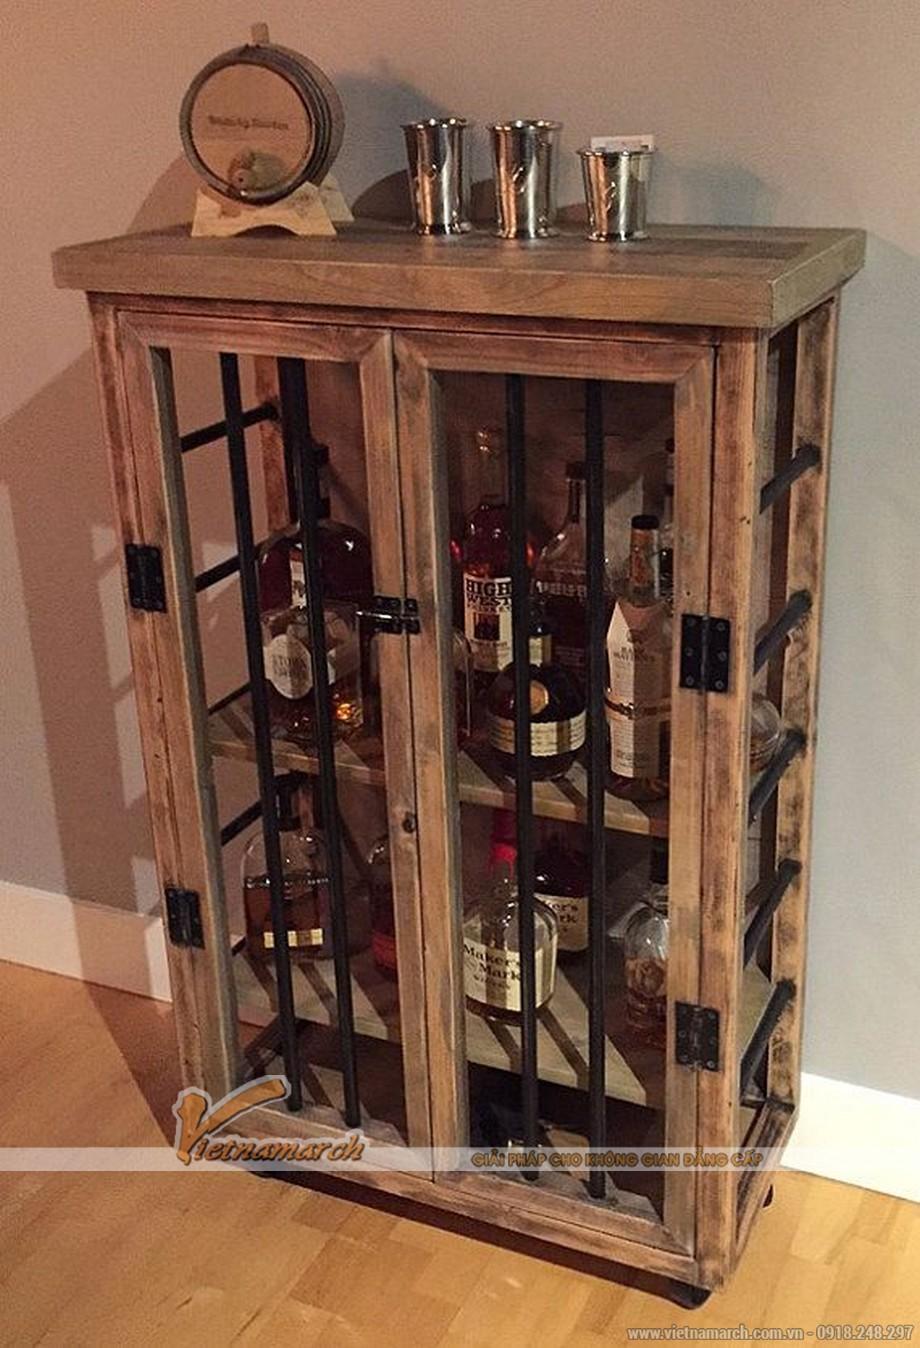 Tổng hợp các mẫu tủ rượu hiện đại cho không gian nội thất thêm sang trọng-04